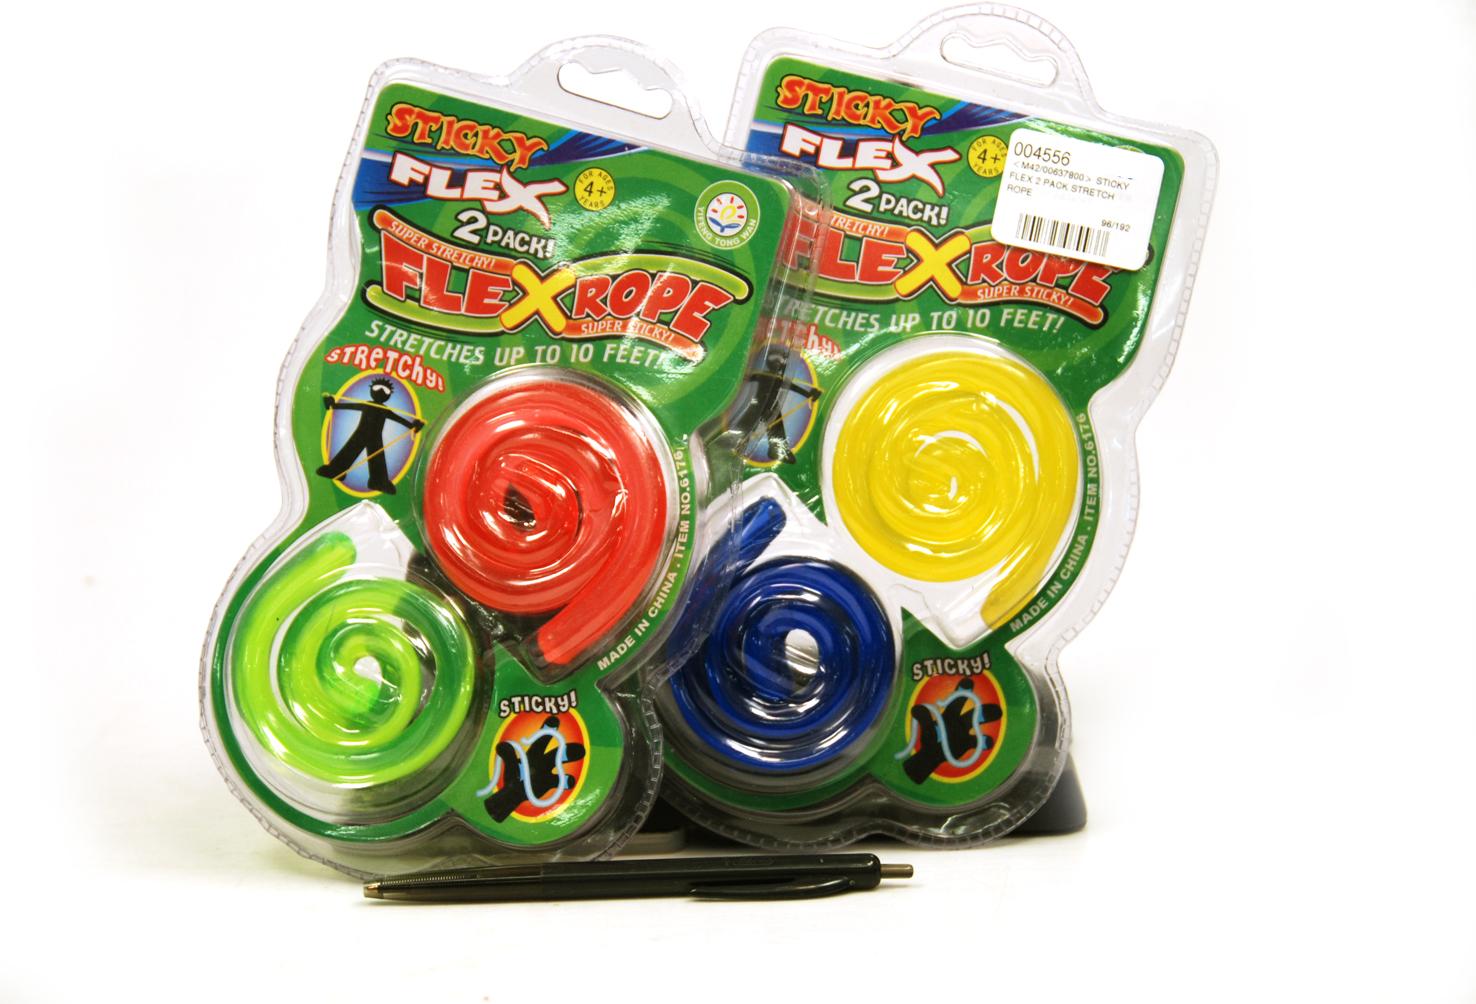 Sticky Amp Stretchy Toys : Toy sticky flex pack stretch rope min order units